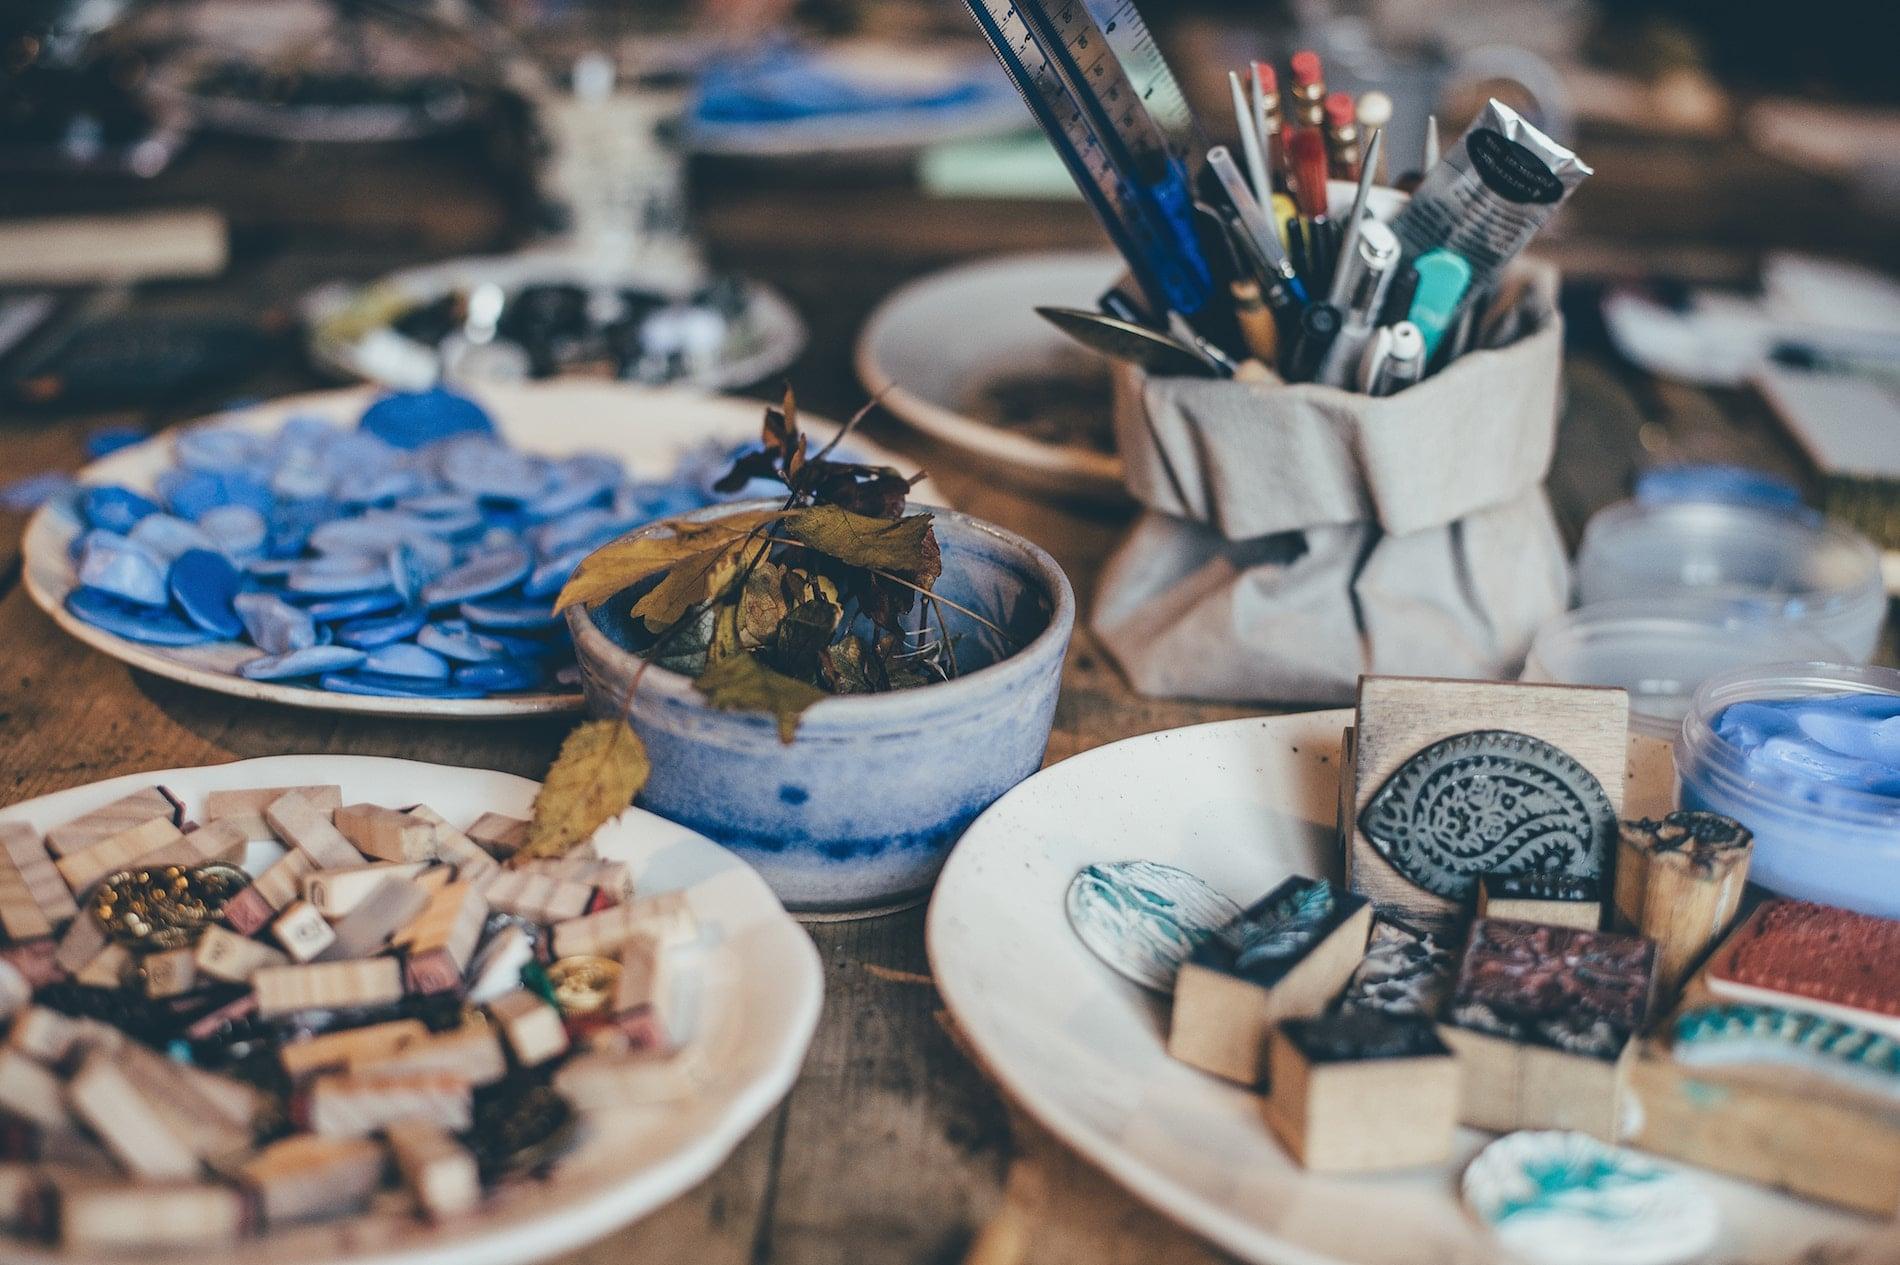 Close-up of art materials